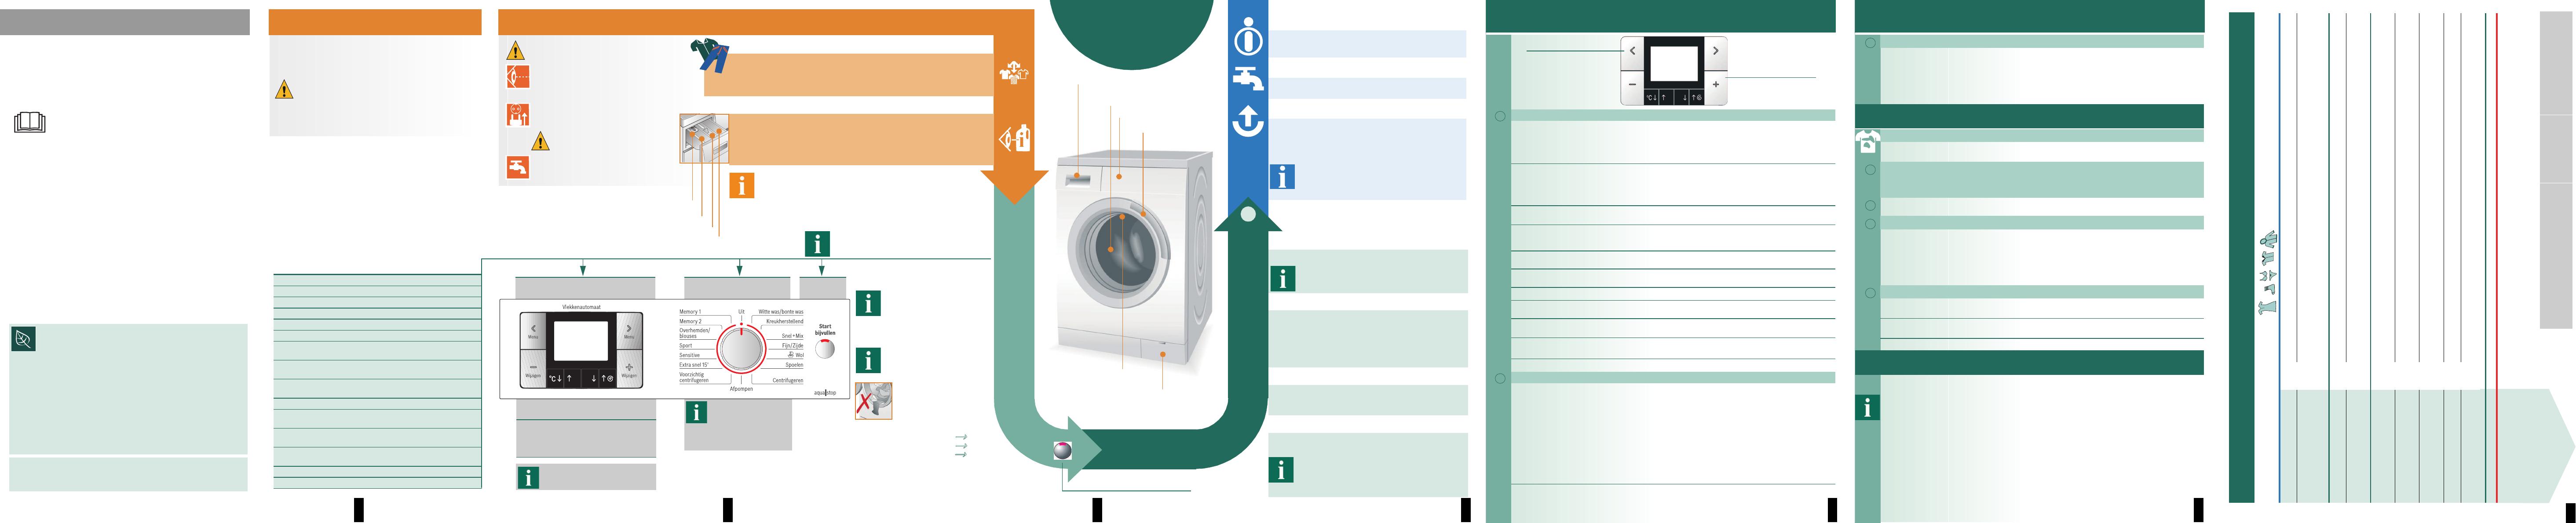 Bosch logixx 8 varioperfect handleiding